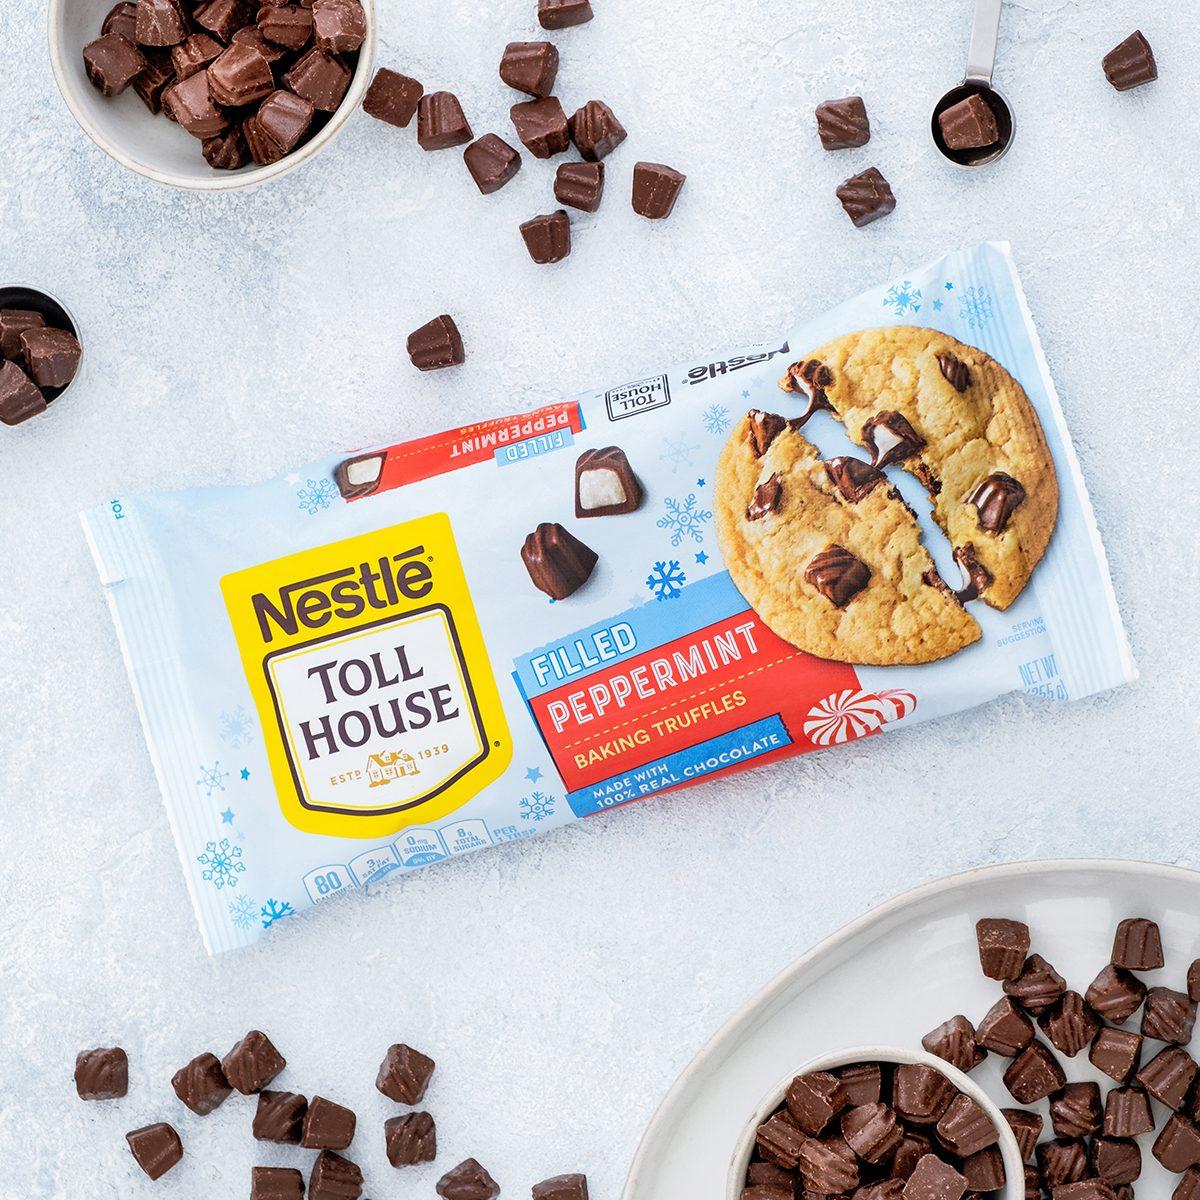 Nestle Toll House peppermint baking truffles